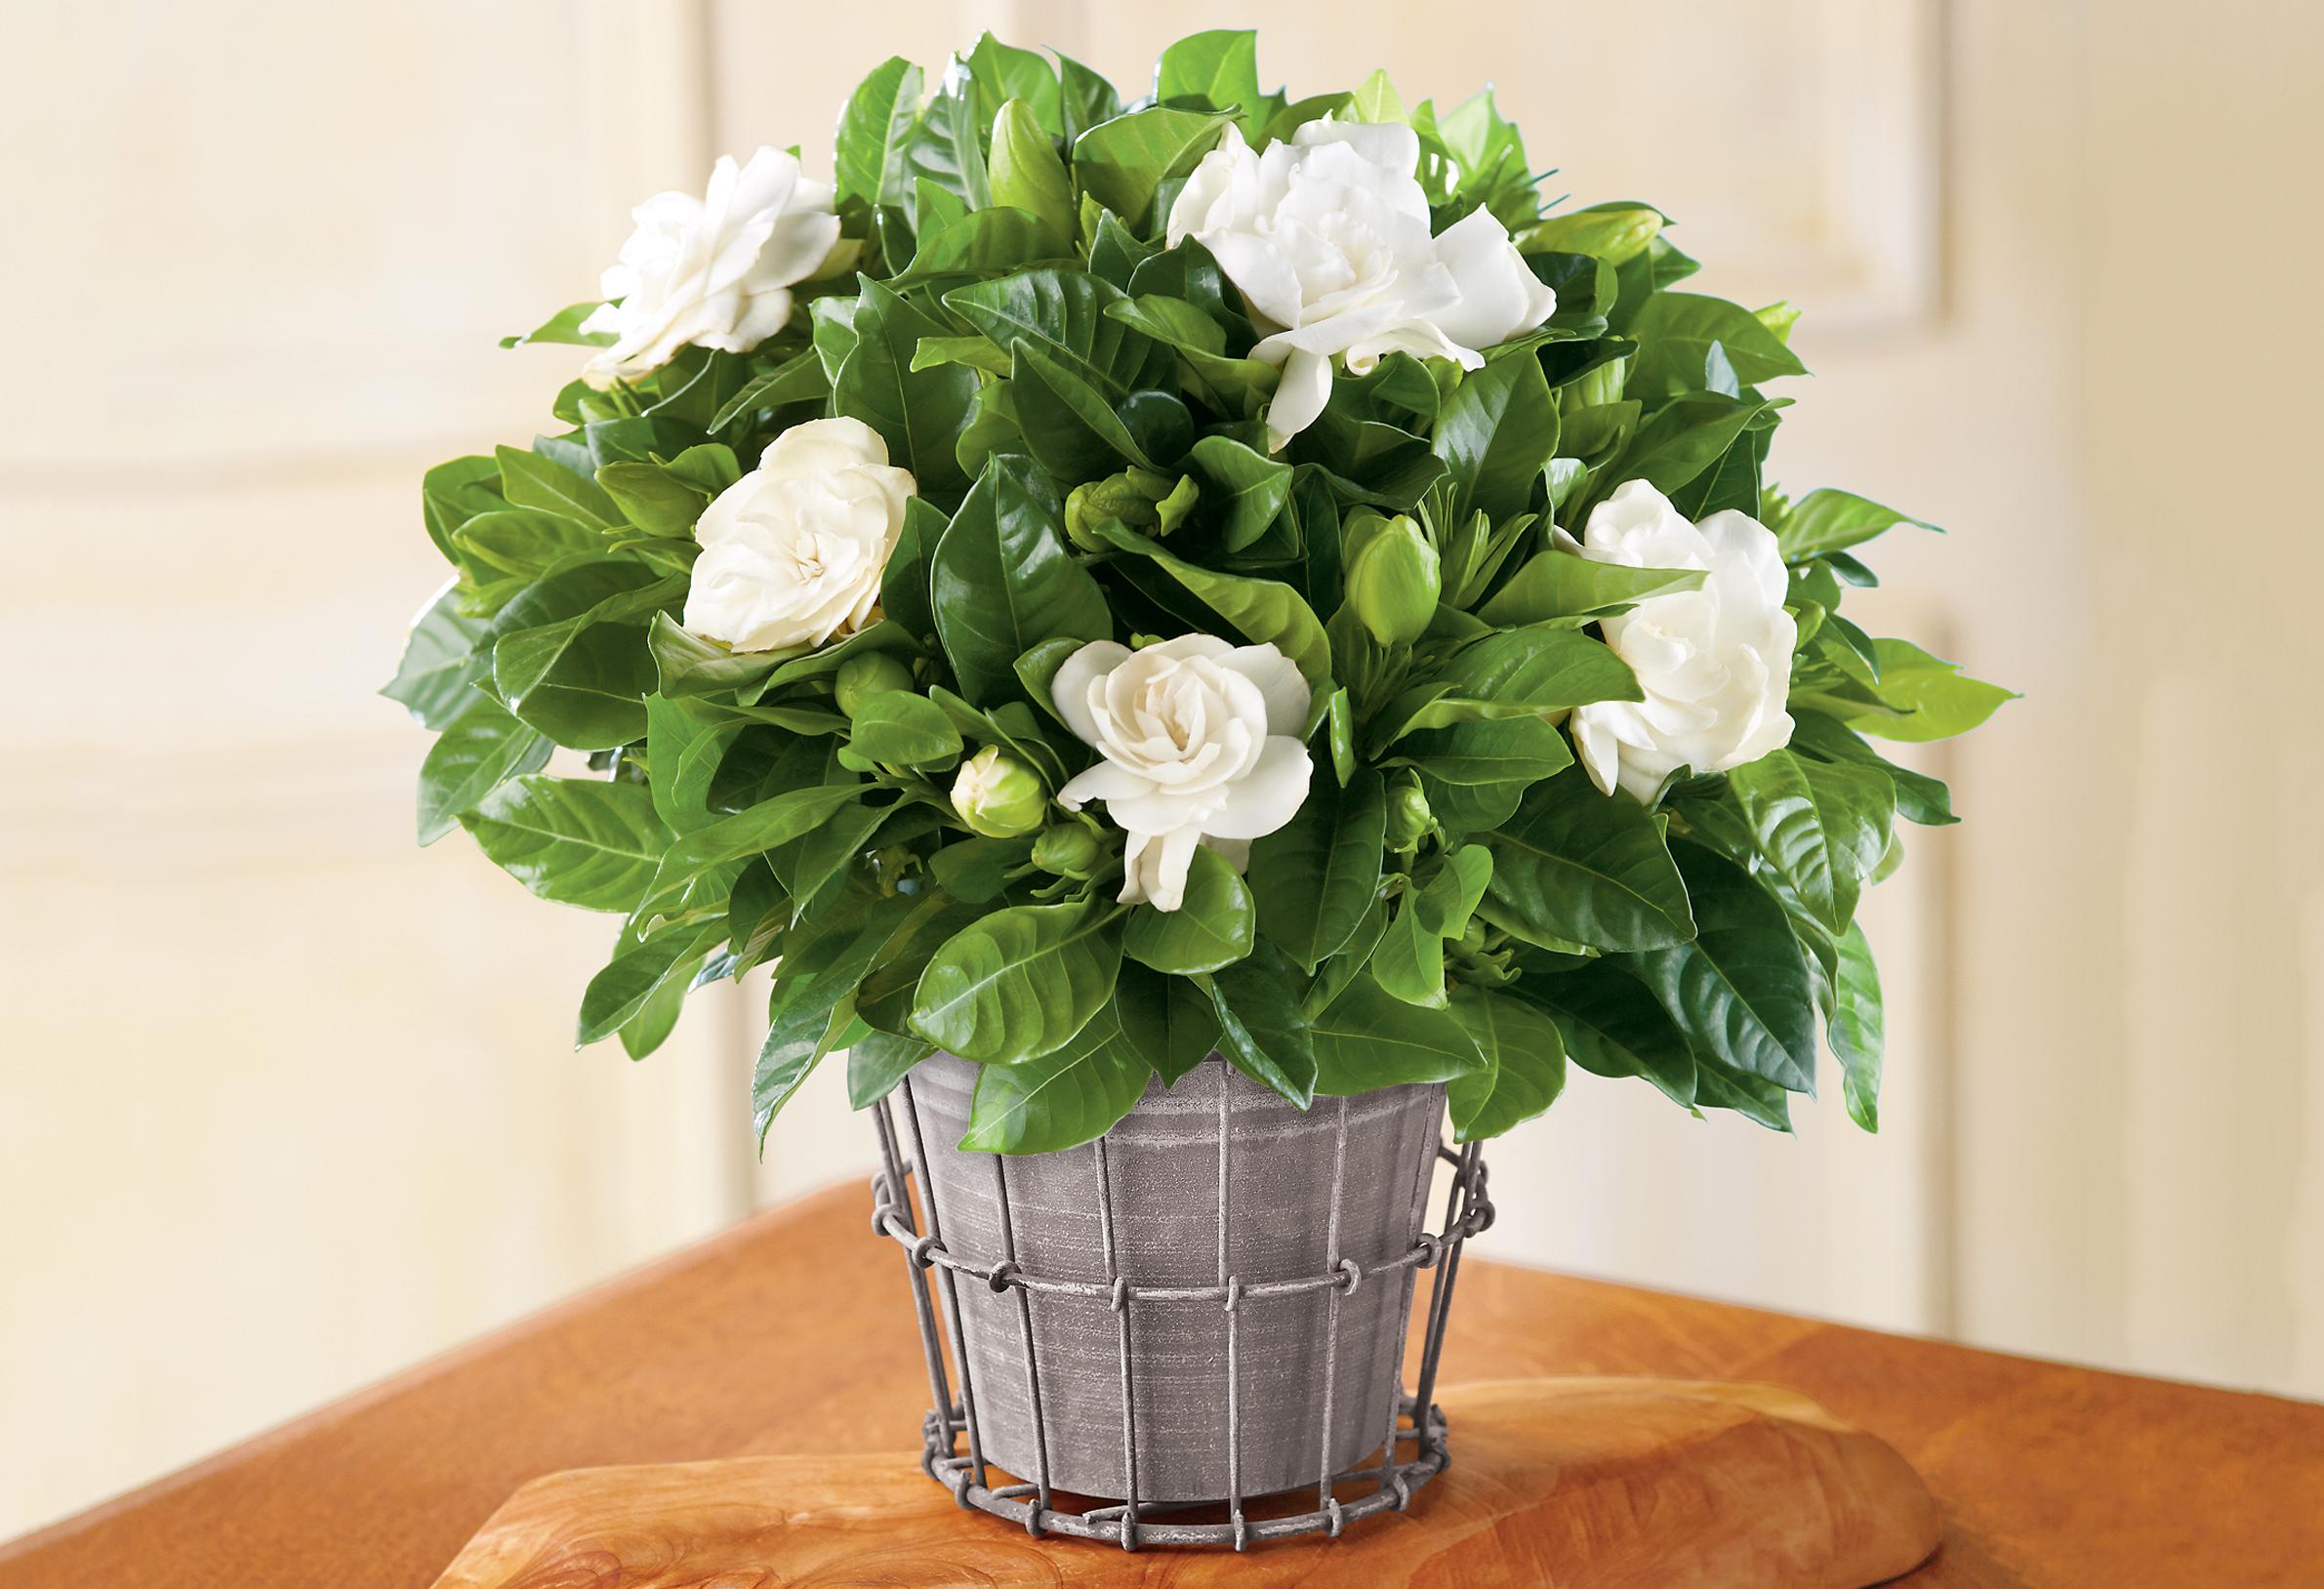 Gardenija baltais žiedais vazonėlyje